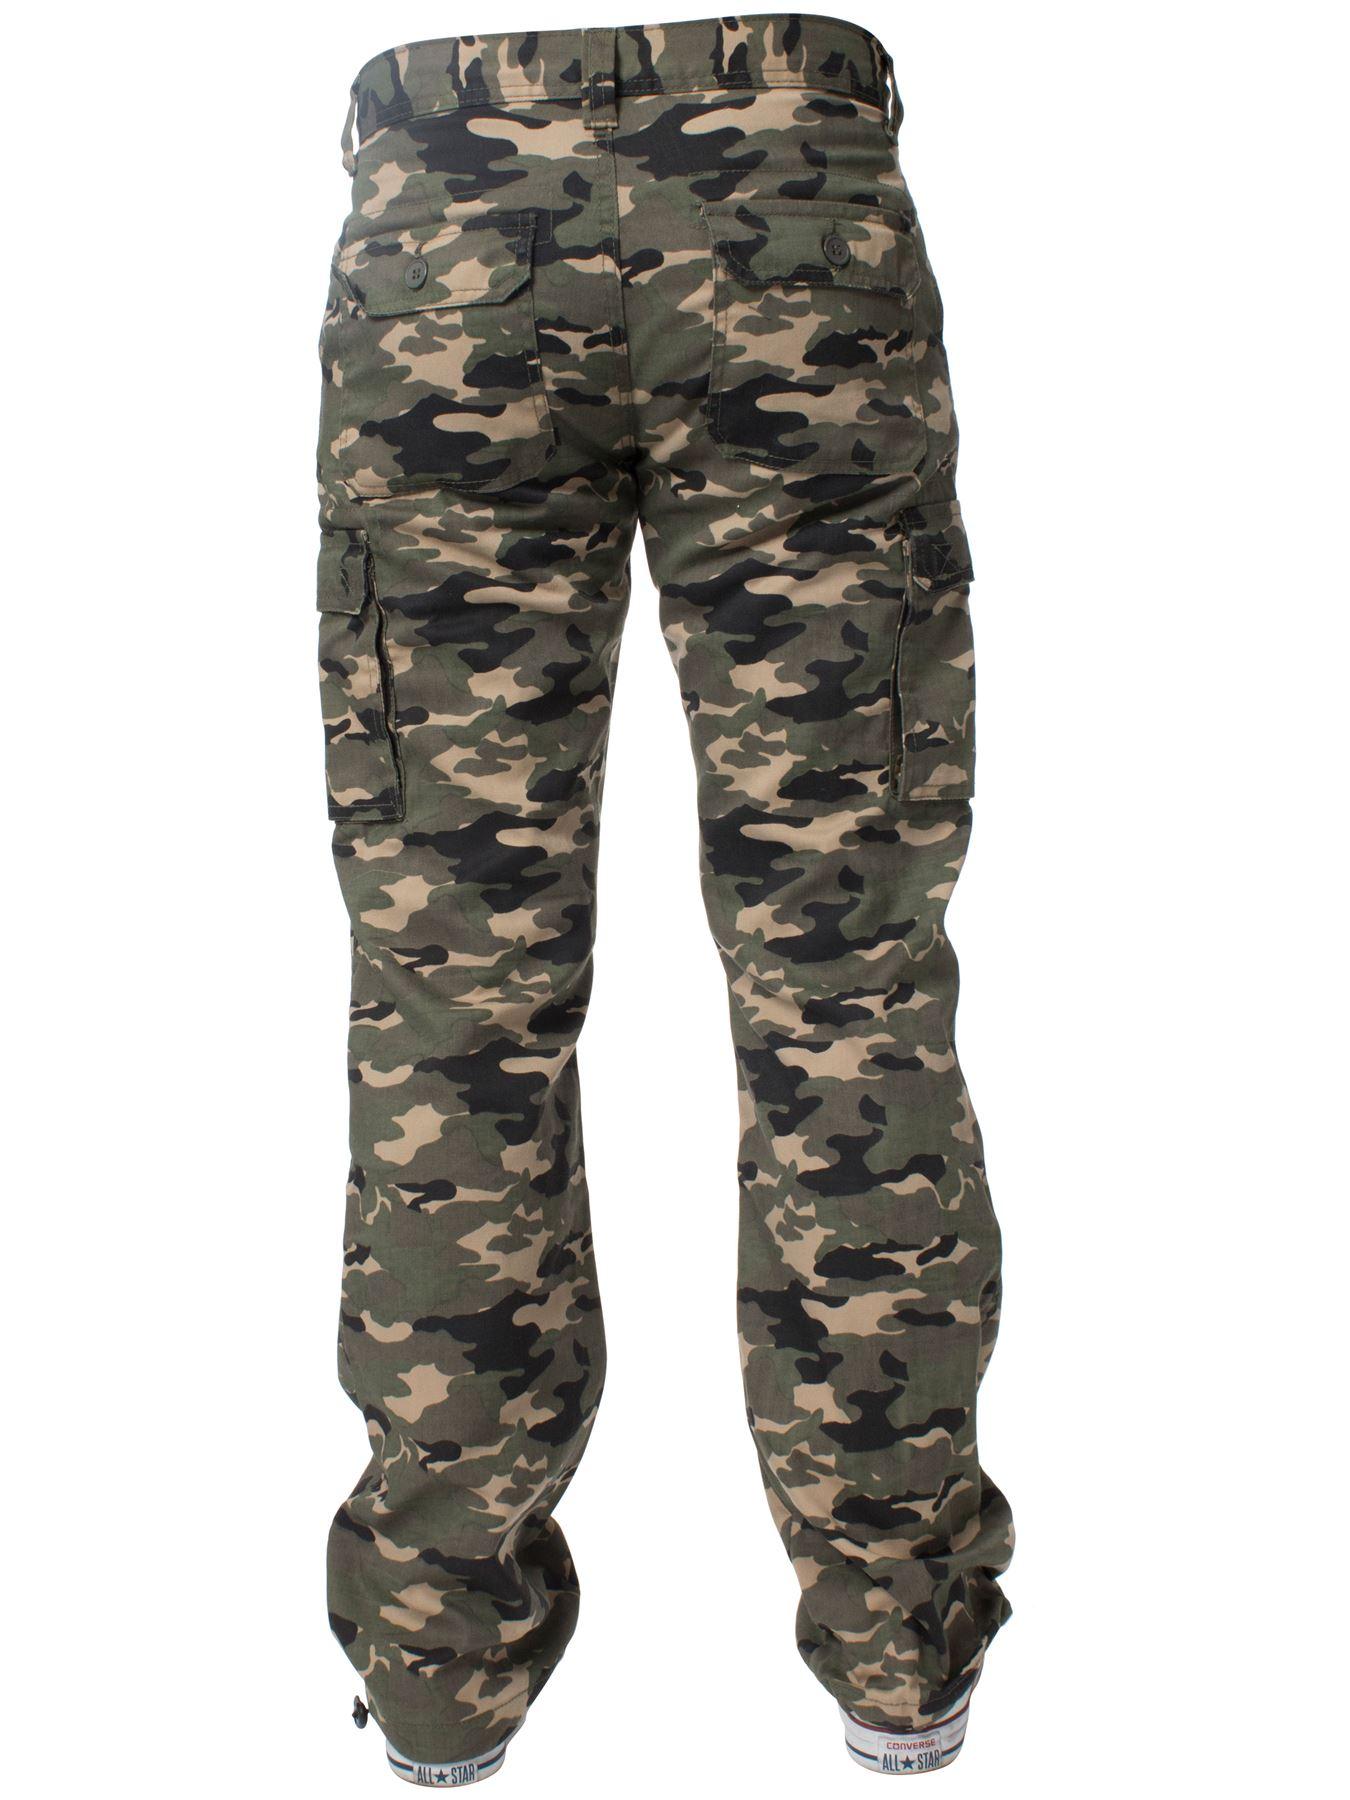 Kruze-Uomo-Militare-Pantaloni-Camouflage-Cargo-Mimetico-Casual-Lavoro miniatura 19